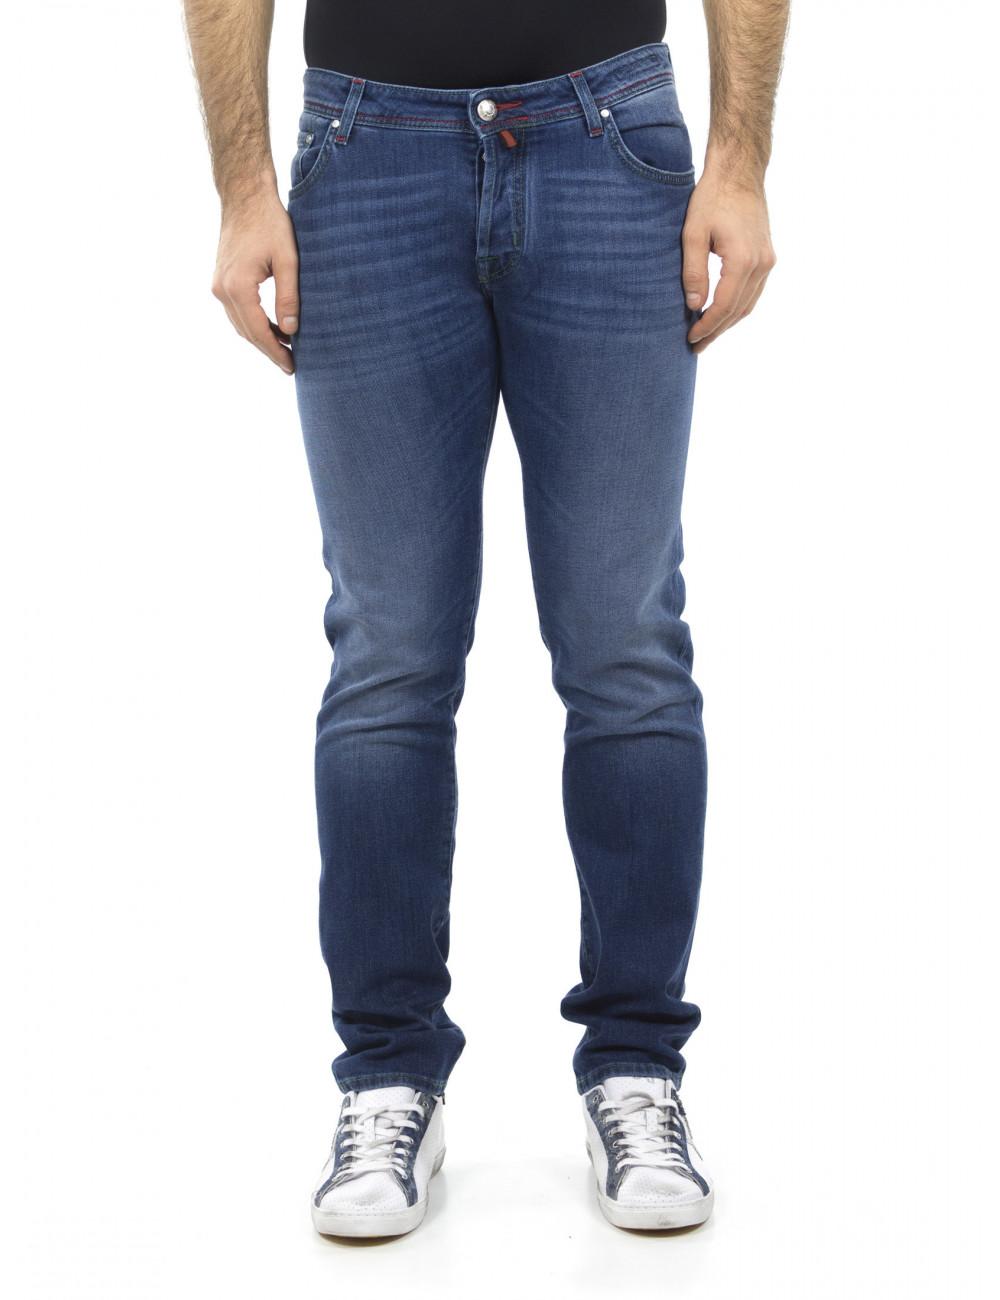 Uomo Converione Jeans Jeans Pantalone Pantalone Converione Uomo TPXOkZwui